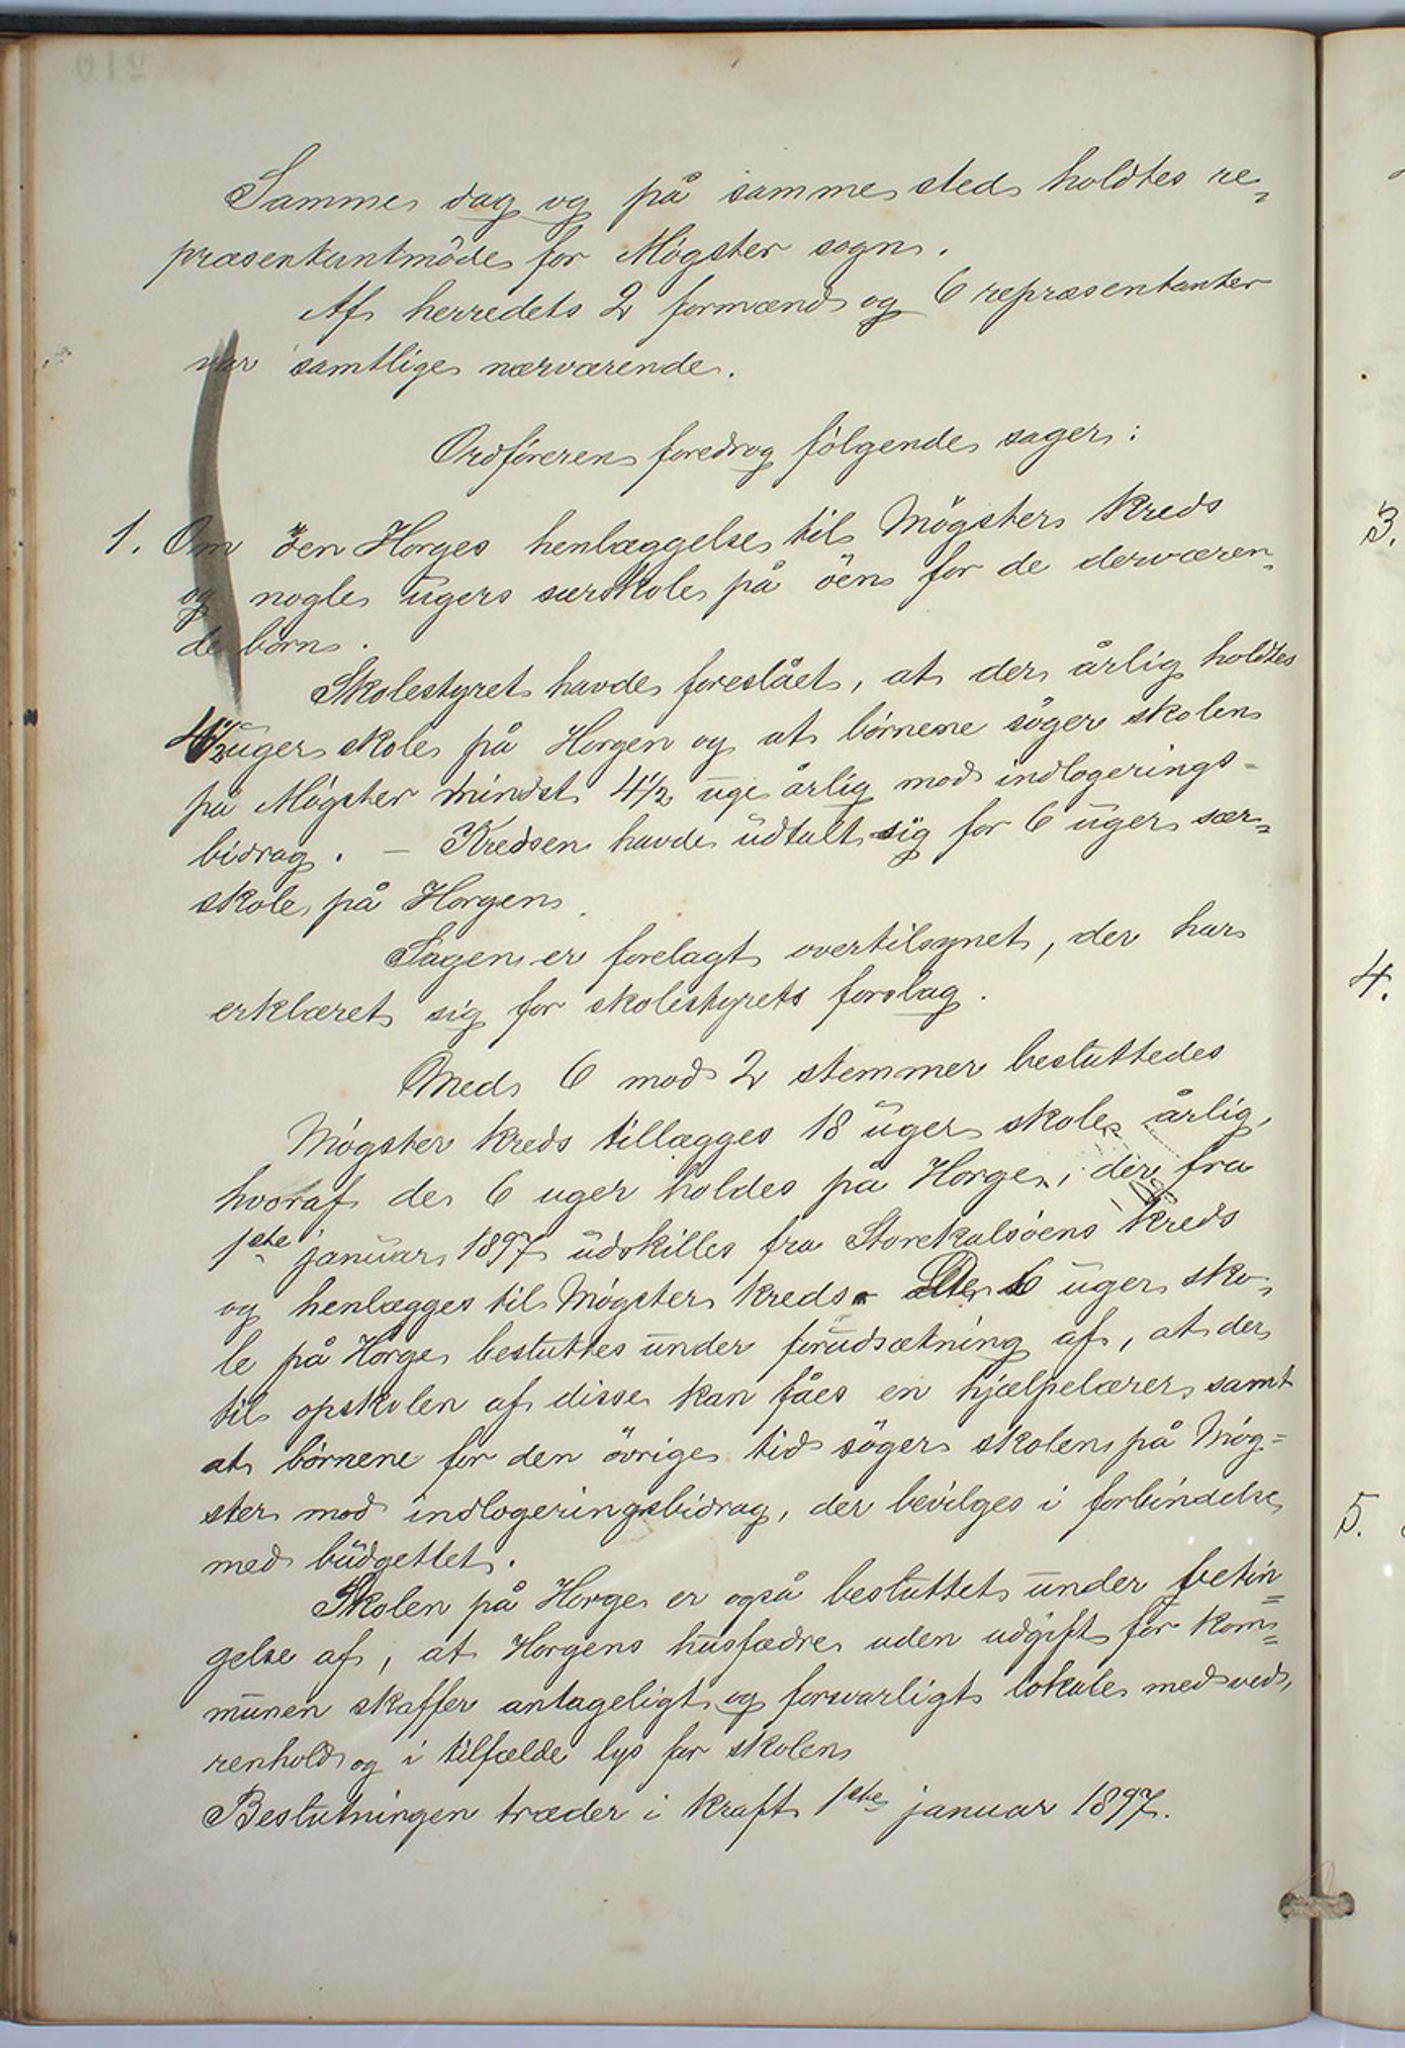 IKAH, Austevoll kommune. Formannskapet, A/Aa/L0001: Østervolds Herredsforhandlings-protokoll, 1886-1900, s. 421